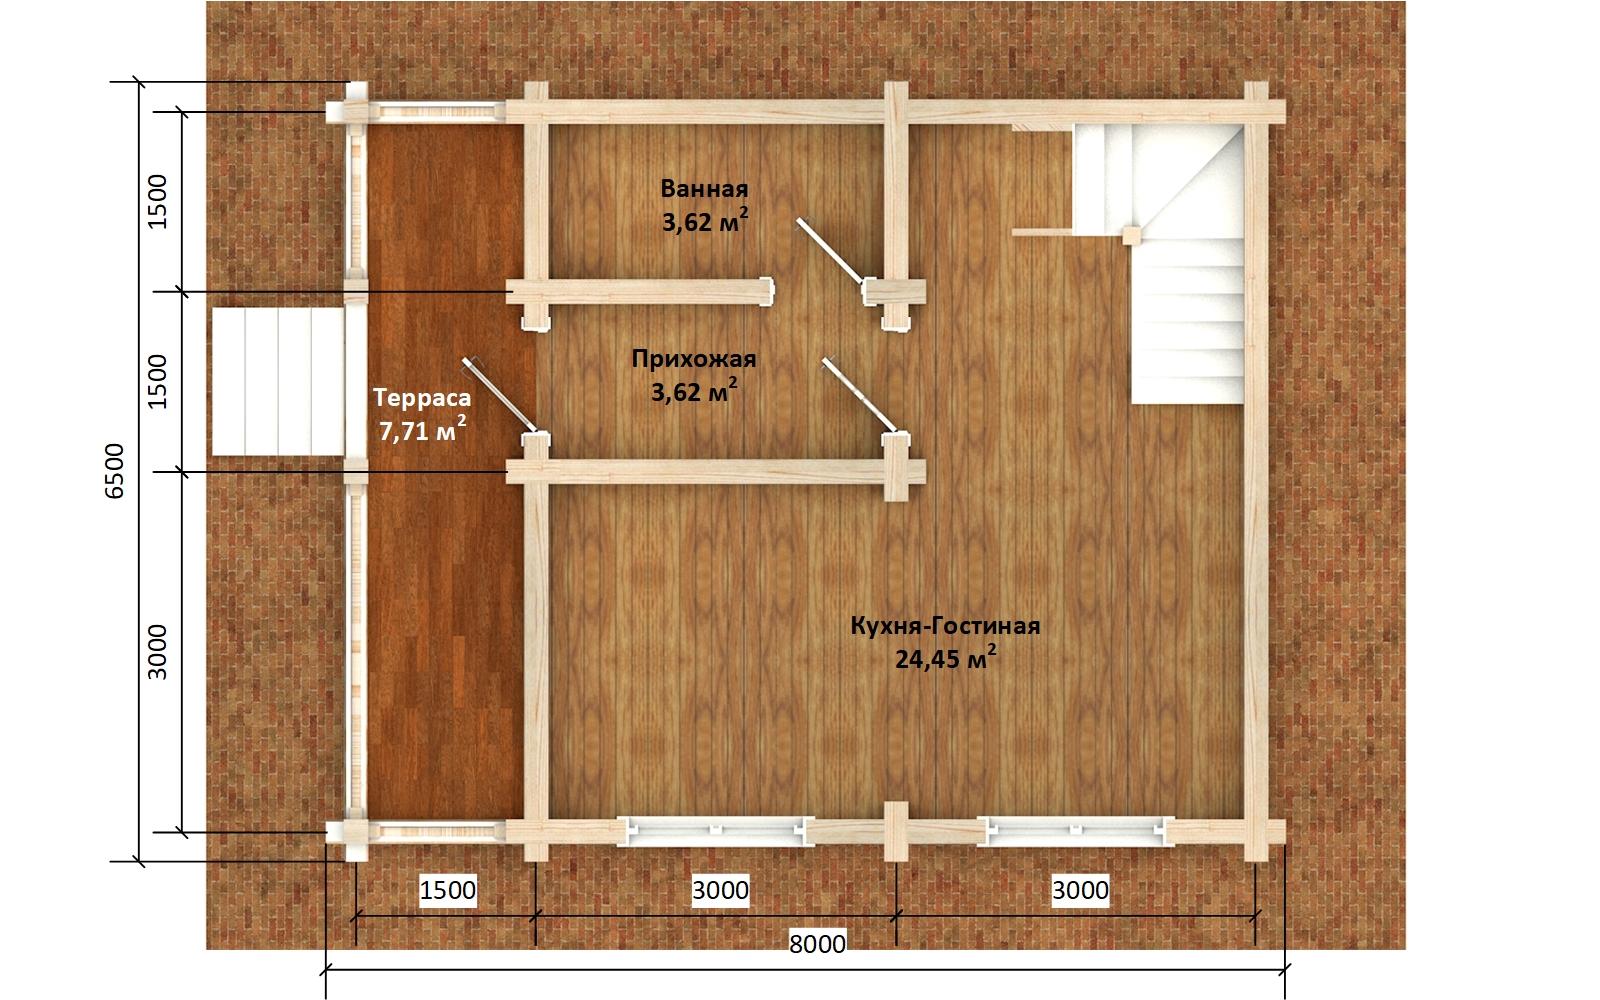 Фото #5: деревянный дом ПДБ-64 из клееного бруса купить за 7080194 (цена «Под ключ»)